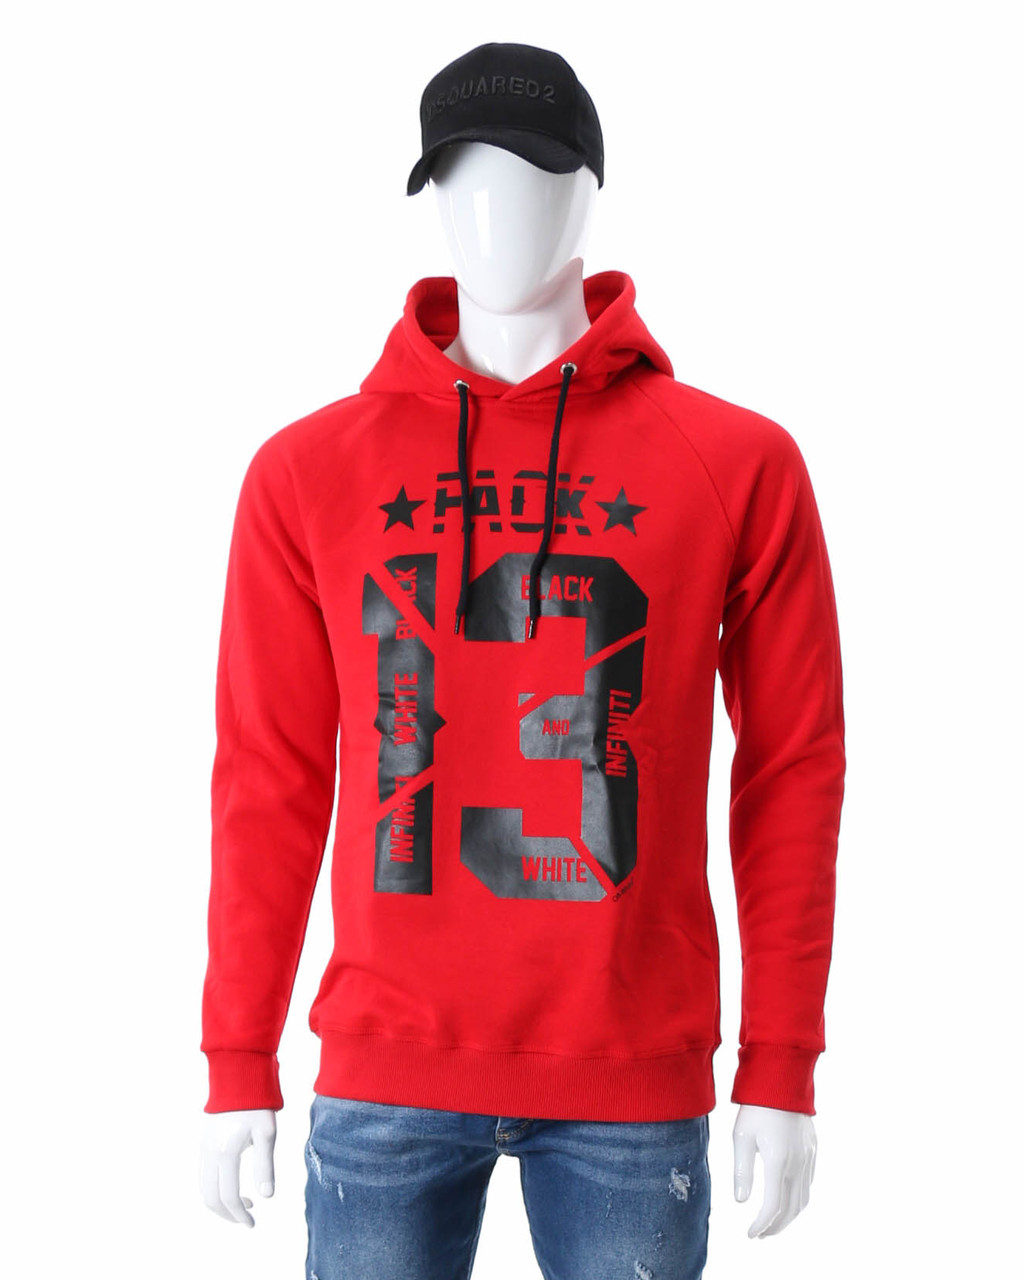 """Худи осень-зима красный HOPE с принтом """"FACK 13"""" Р-5 RED XL(Р) 20-591-003"""